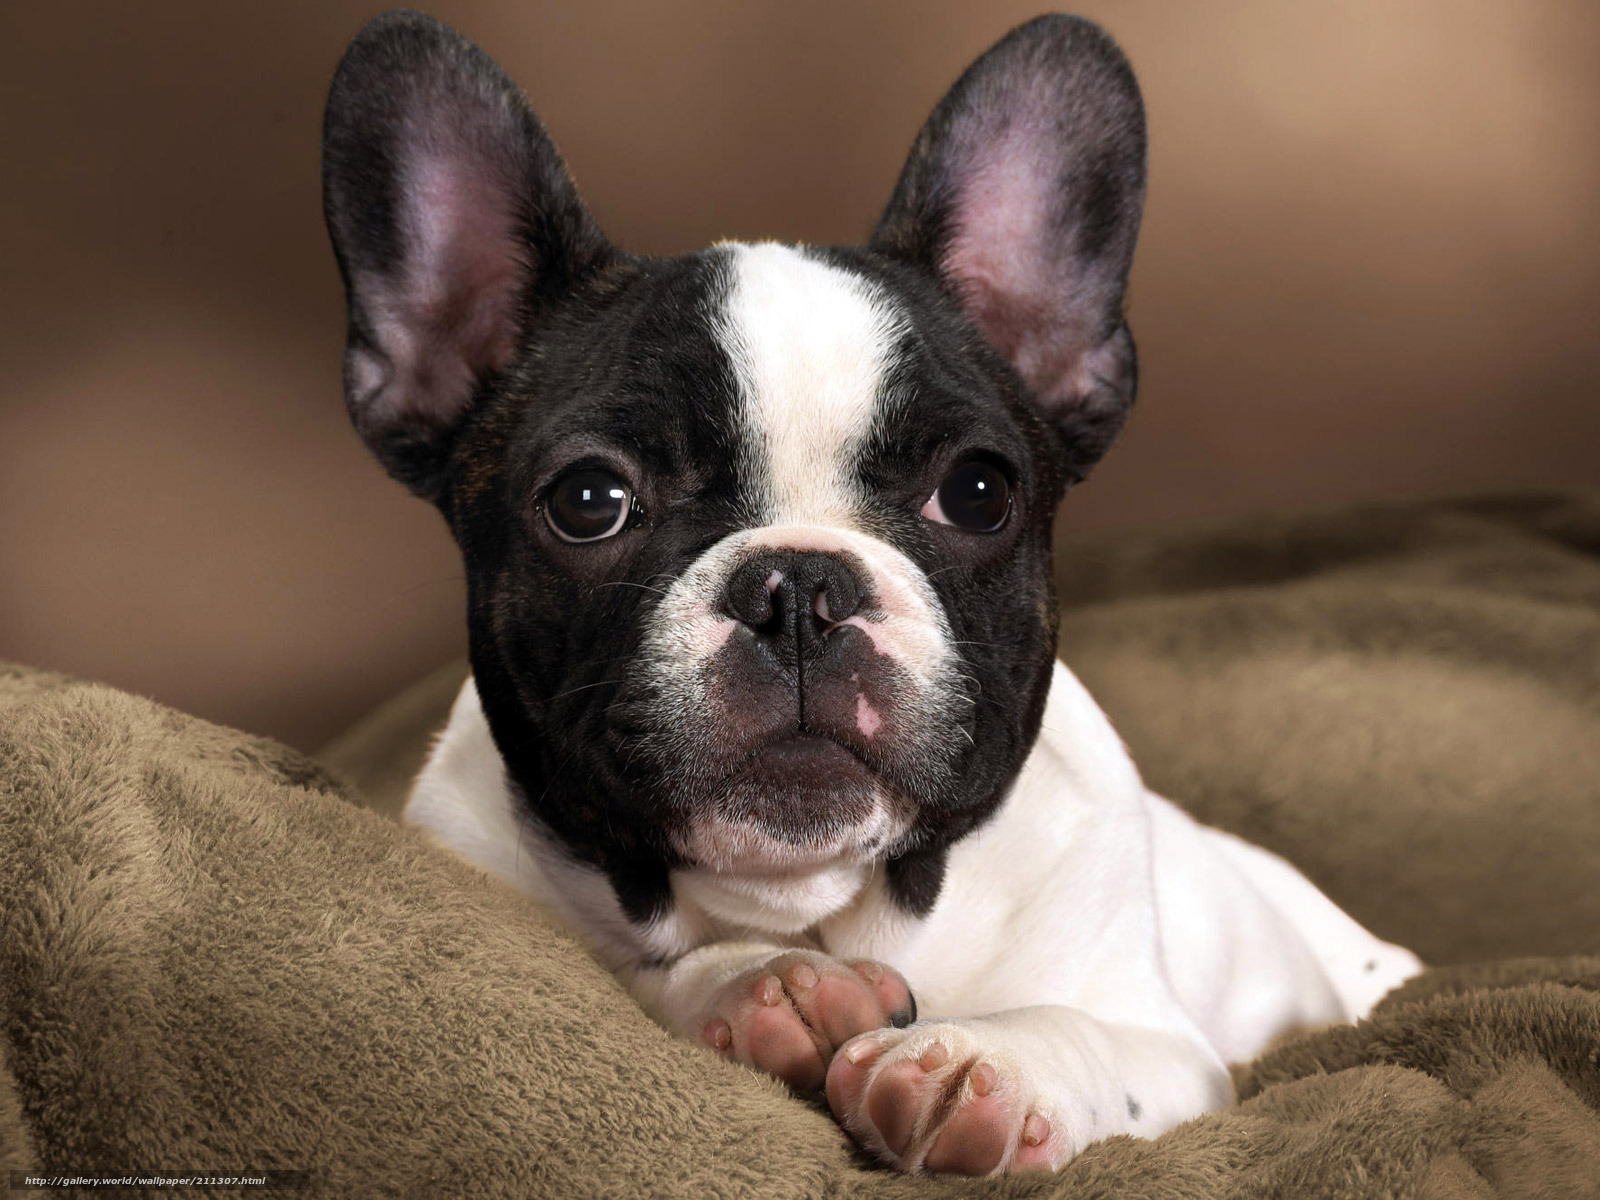 Скачать обои собака,  пёс,  пёсик,  щенок бесплатно для рабочего стола в разрешении 1600x1200 — картинка №211307